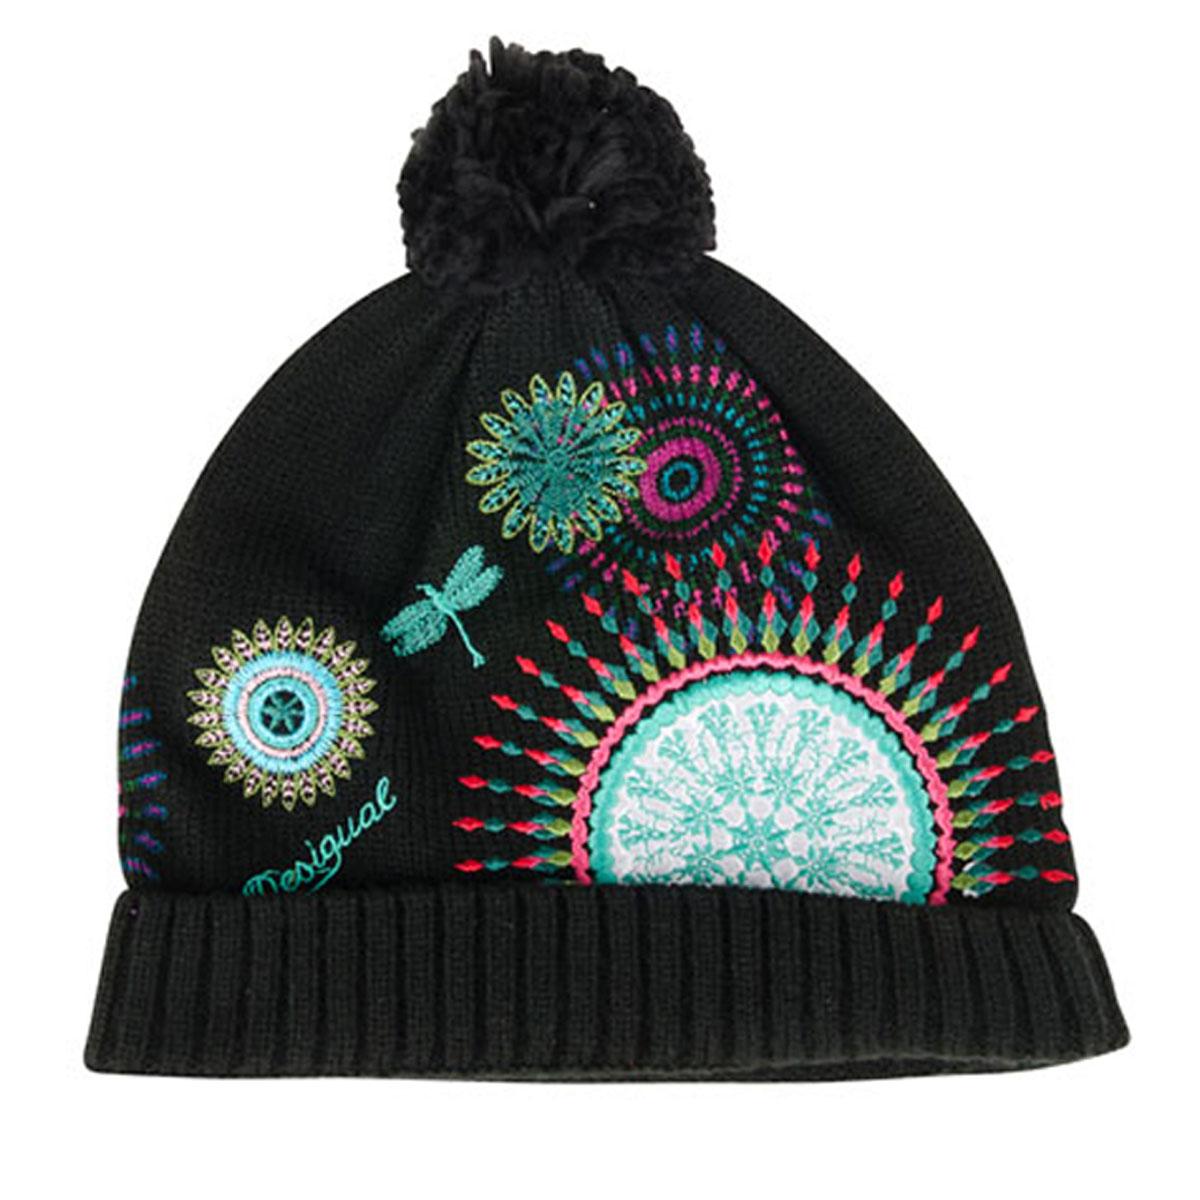 Bonnet créateur \'Desigual\' noir multicolore - taille unique - [L5976]